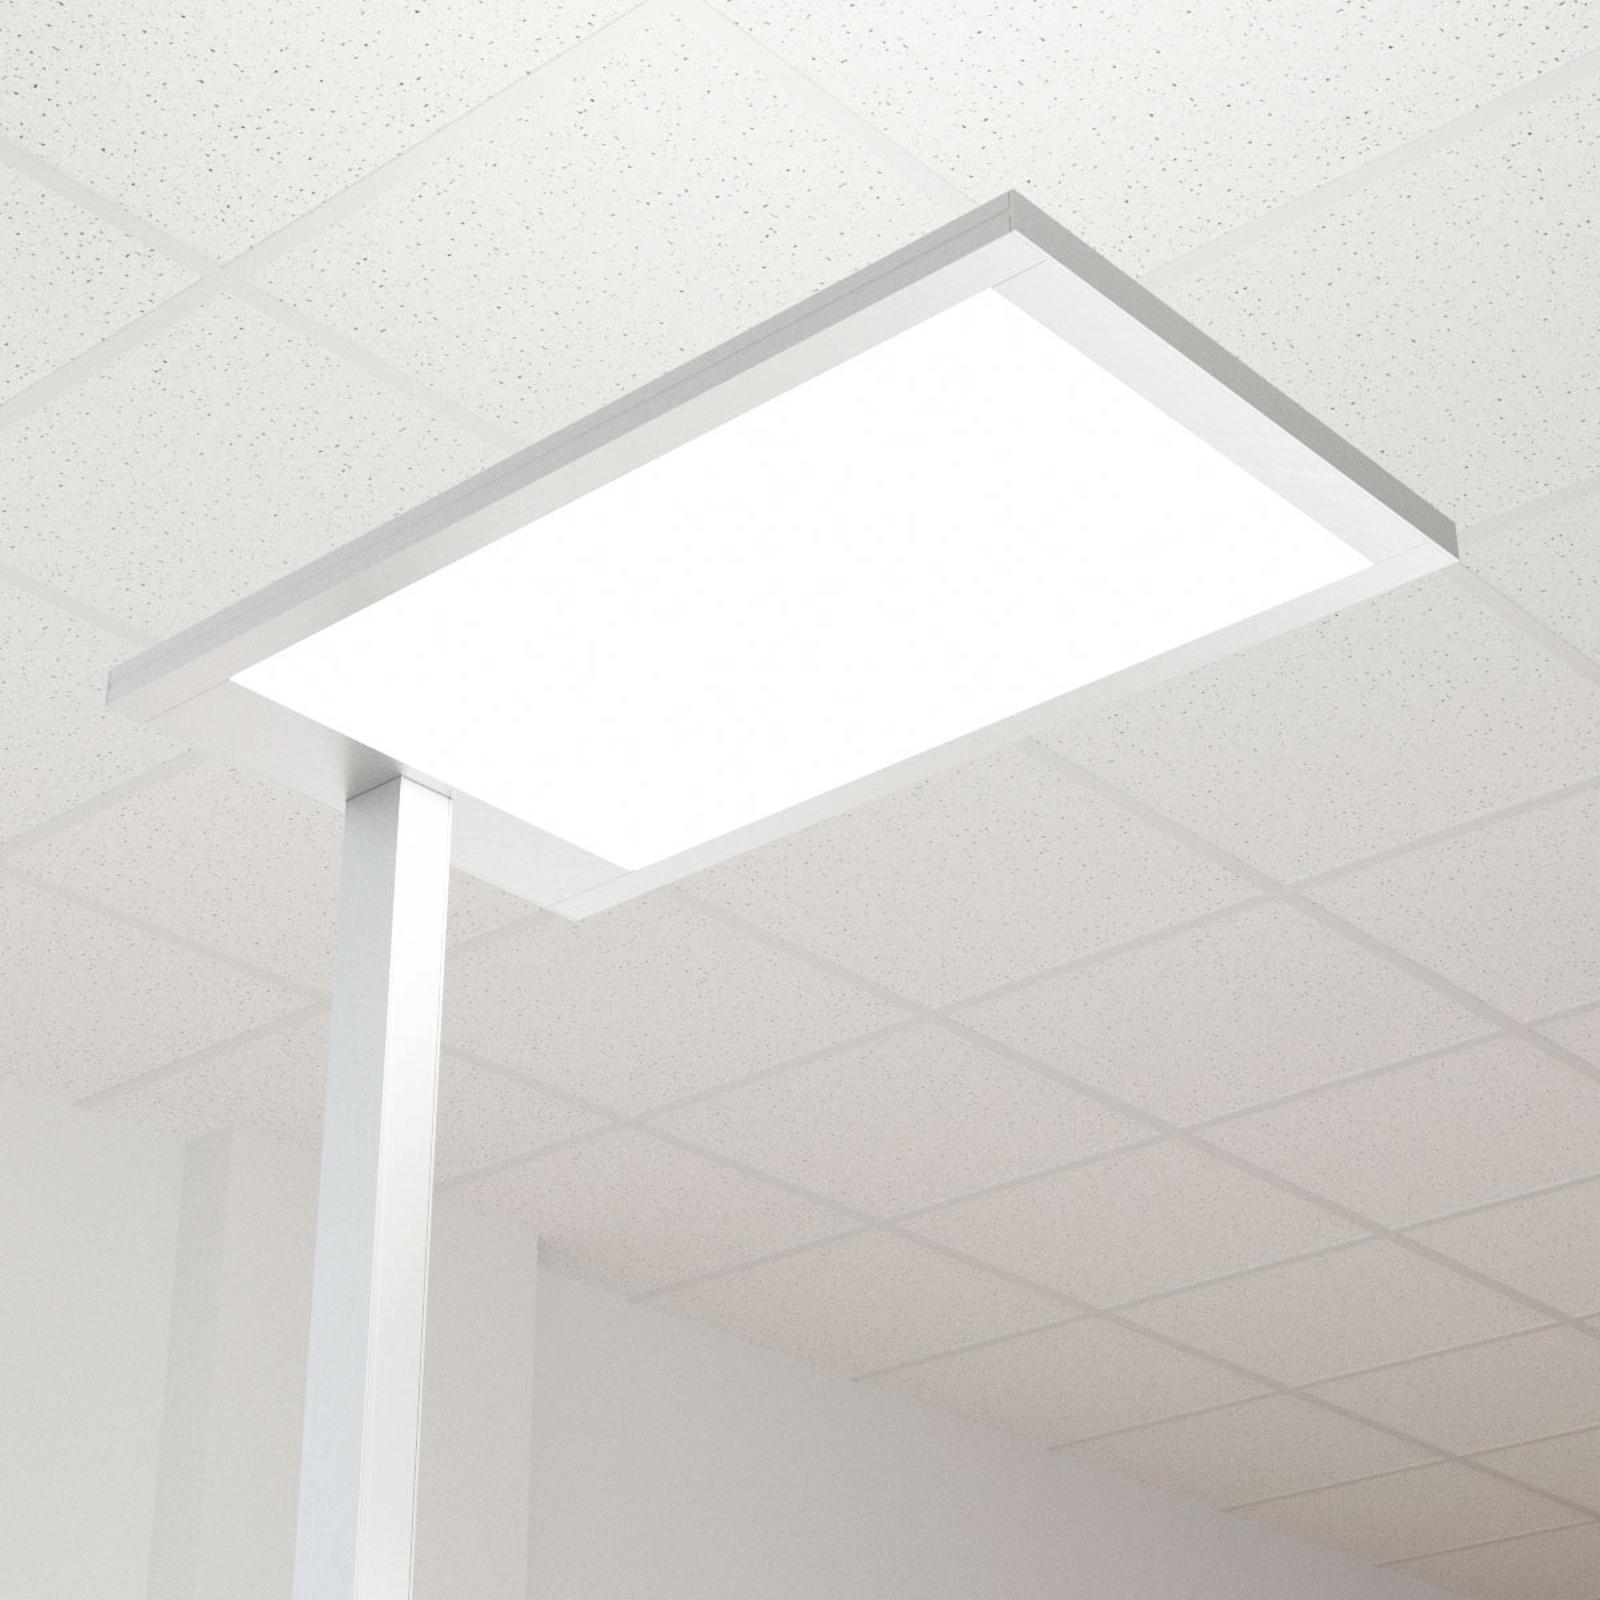 LED kontor-gulvlampe Javier, dæmper, dir-indirekte